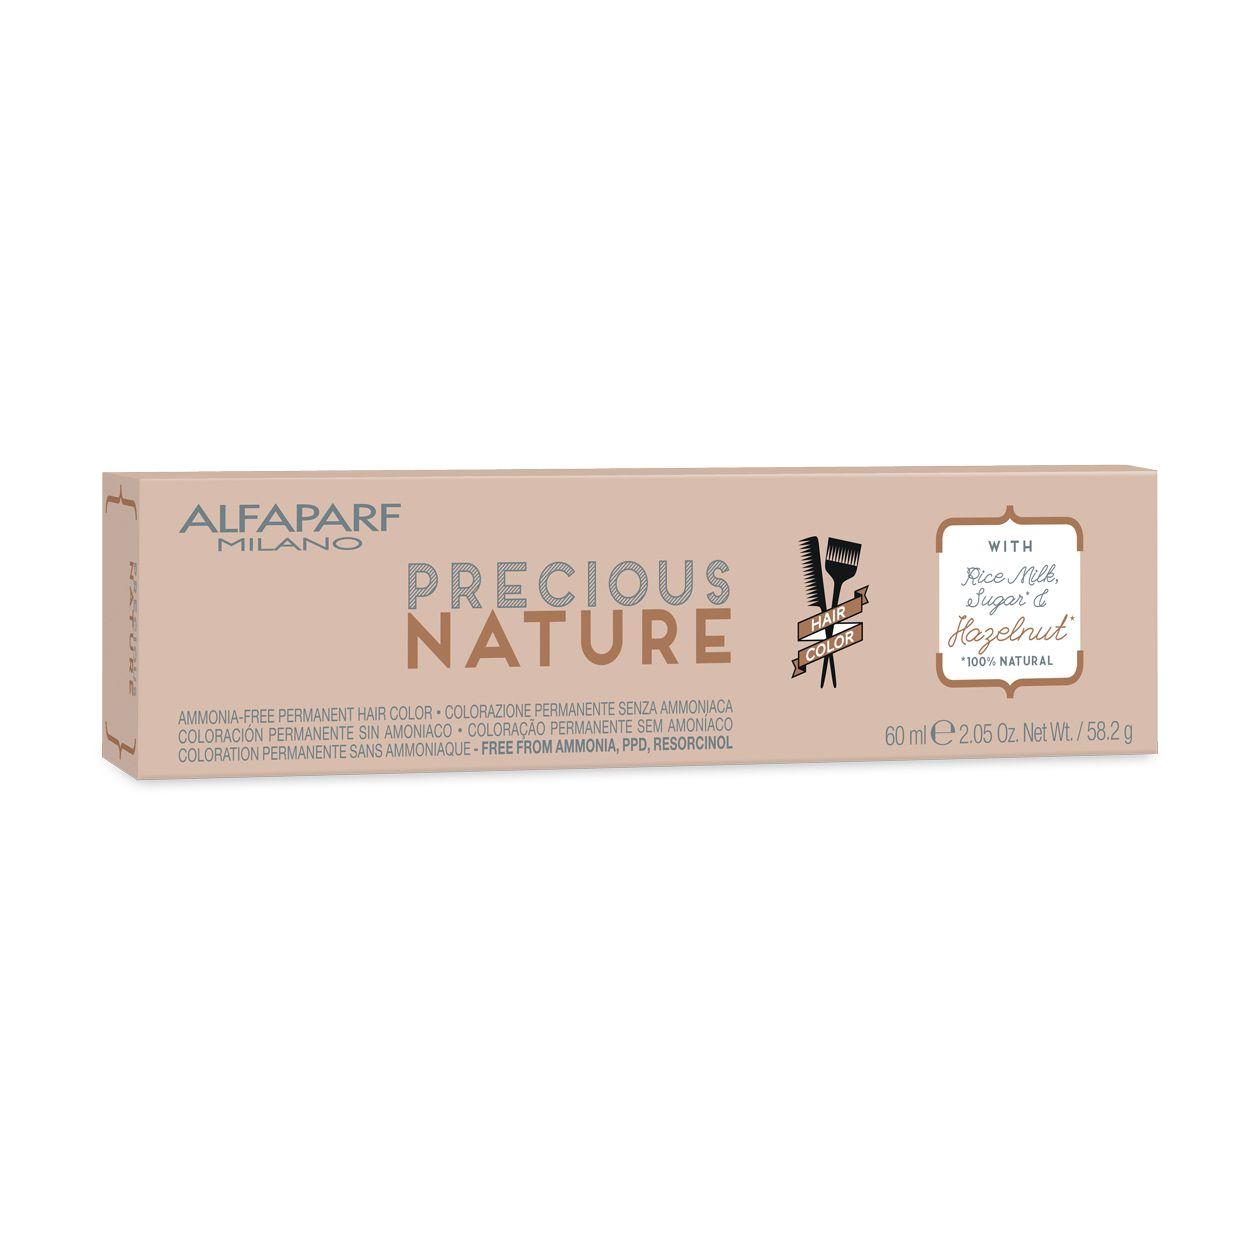 Alfaparf Milano-Precious Nature Hair Color Creme de Coloração 9.21 Louro Claríssimo Irisé Cinza 60ml